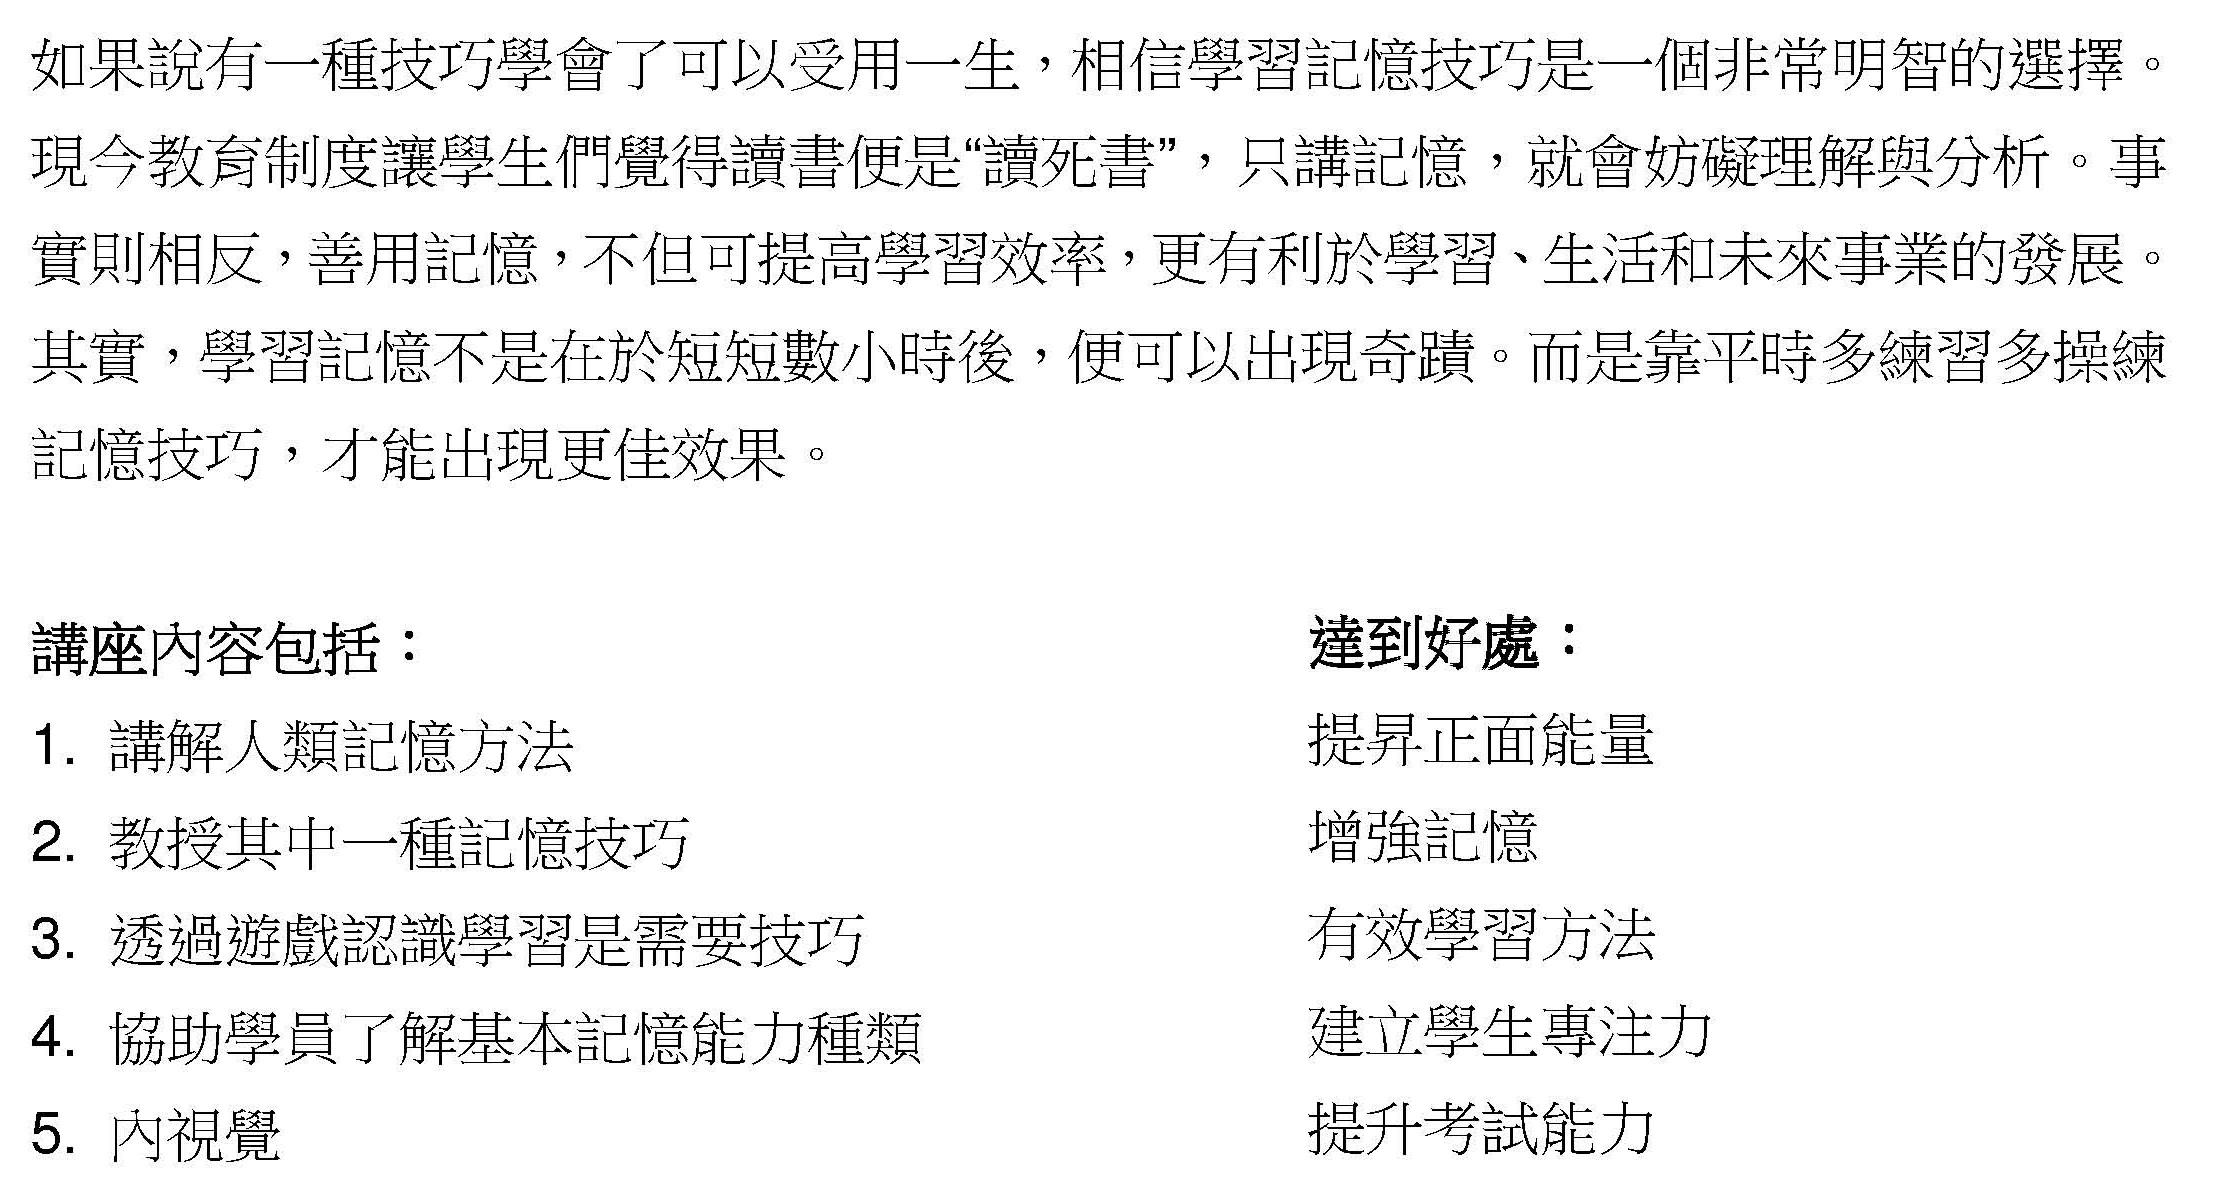 「六感記憶學習法」講座 – Stewards Pooi Kei College Library —– 香港神託會培基書院圖書館